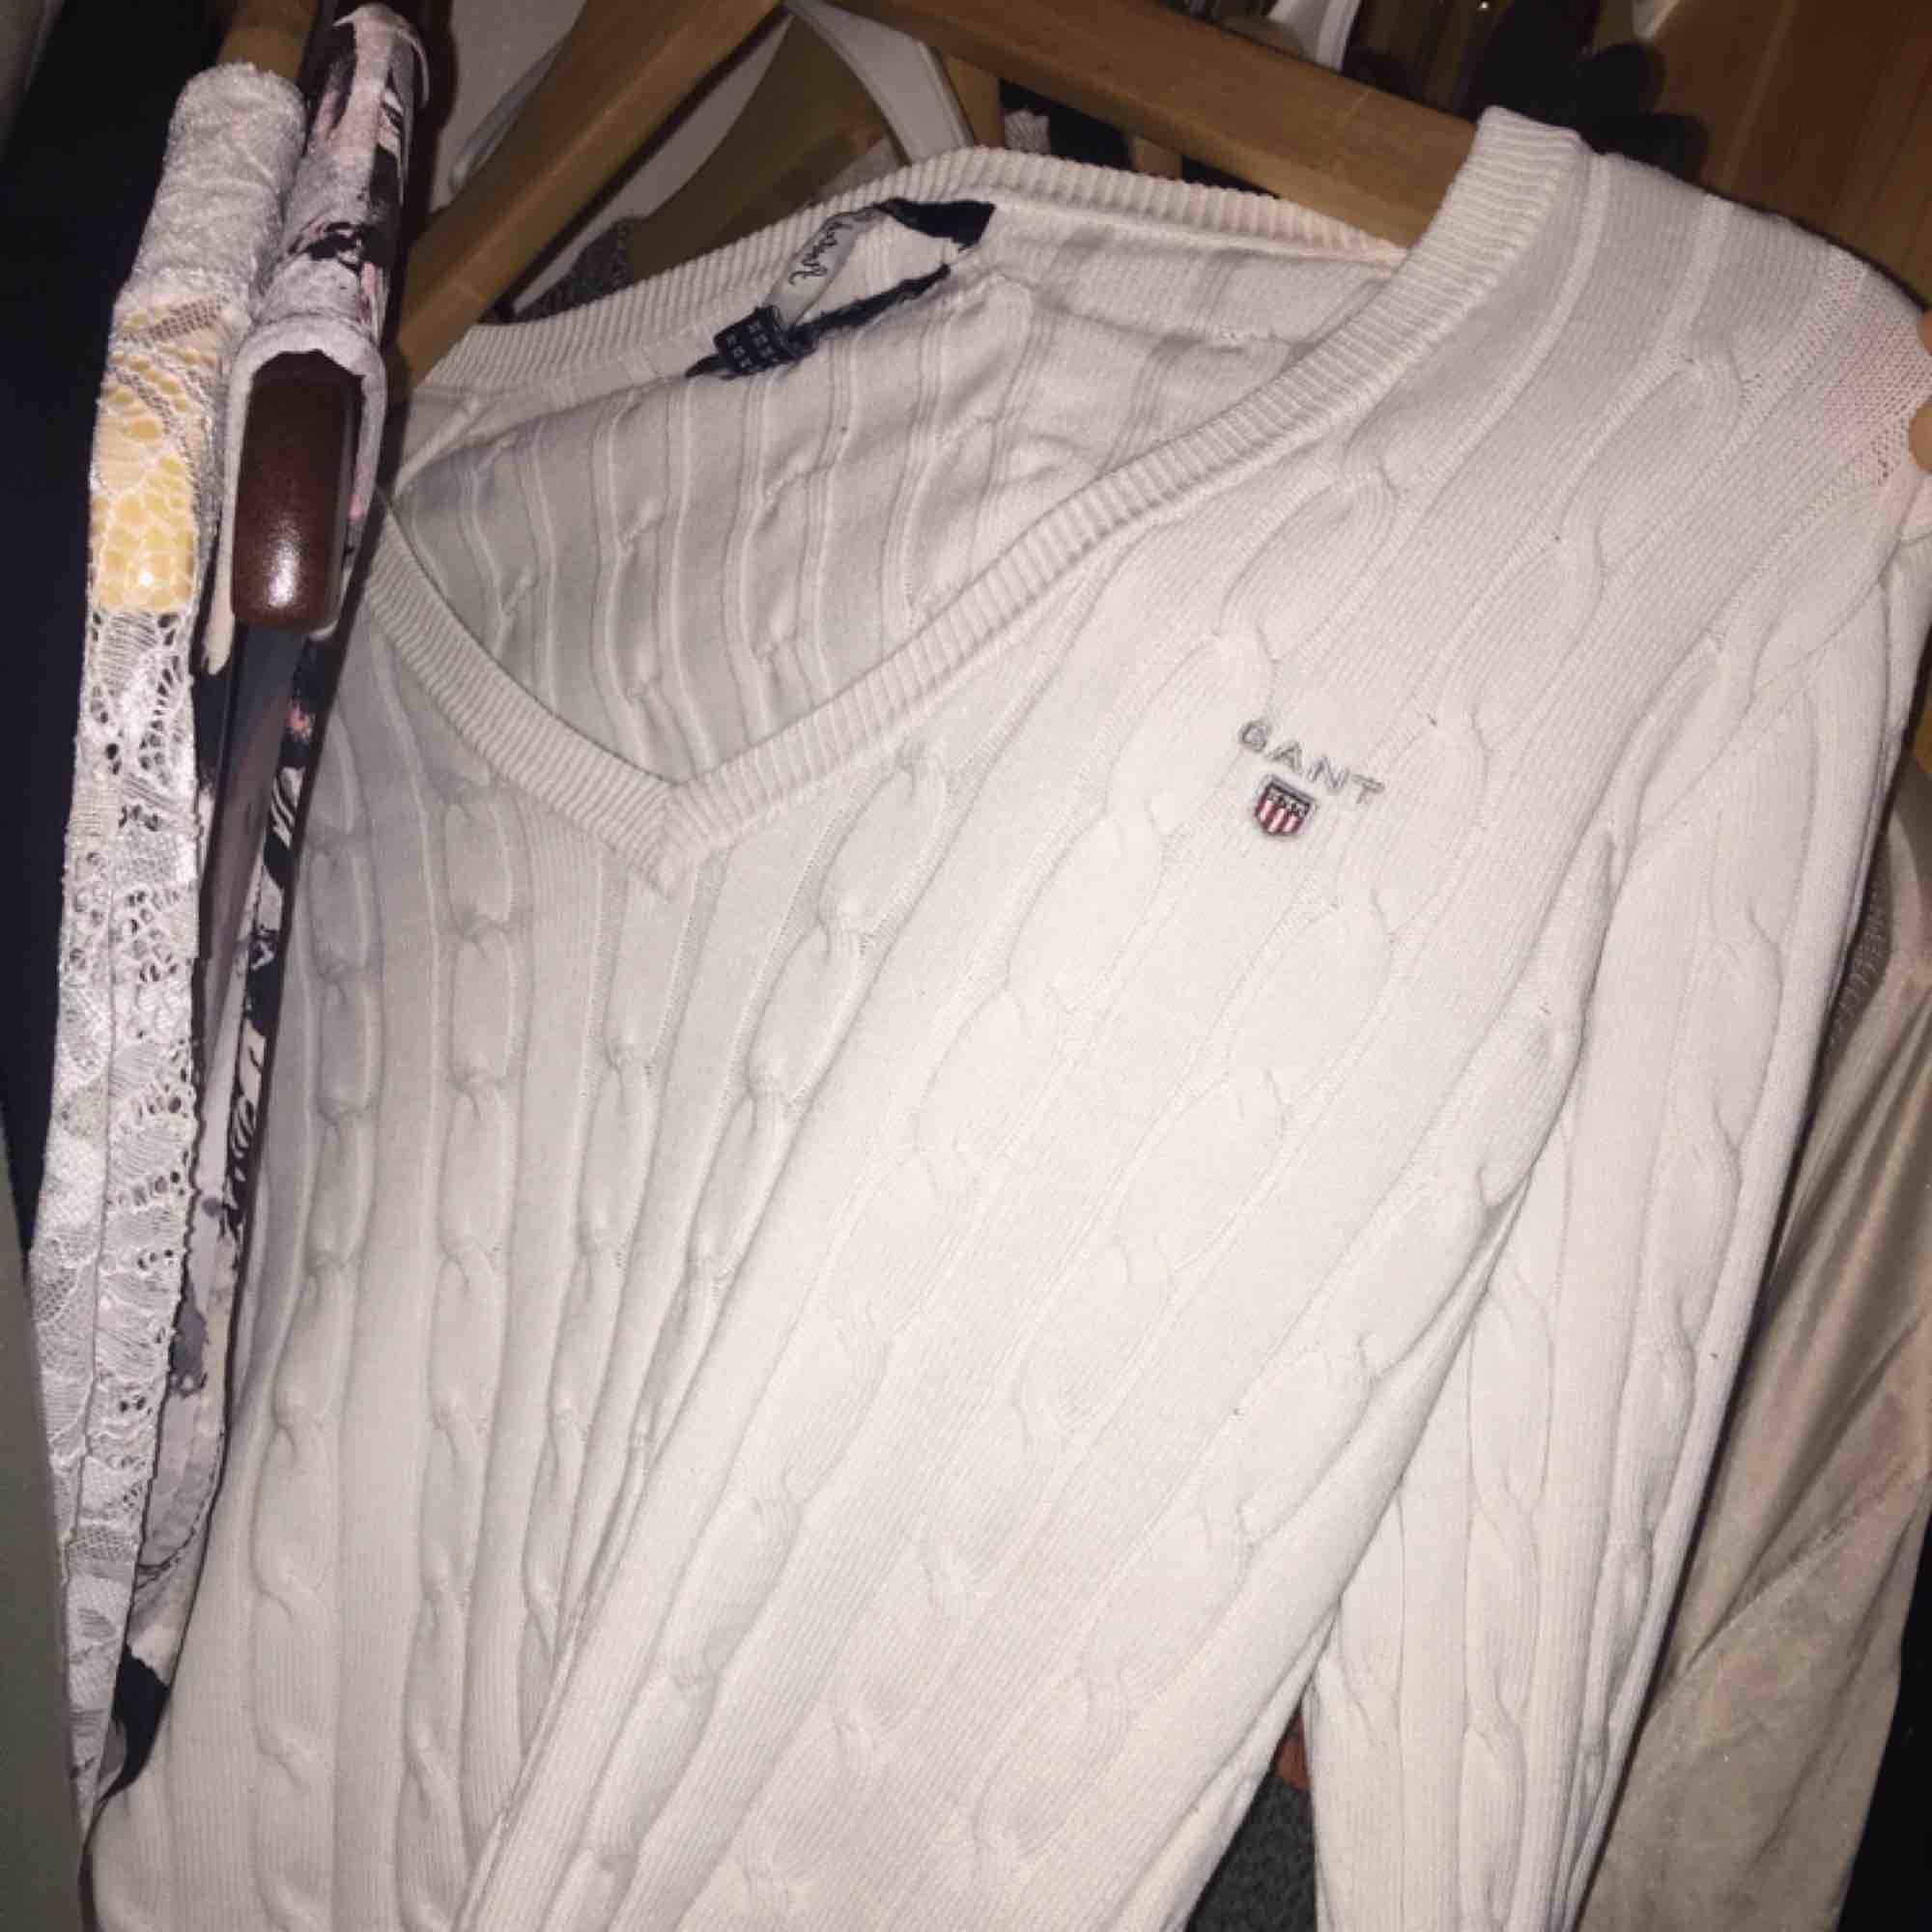 Vit Gant tröja i storlek XS. Inga hål eller fläckar på tröjan, bara etiketten som har lossnat! . Tröjor & Koftor.